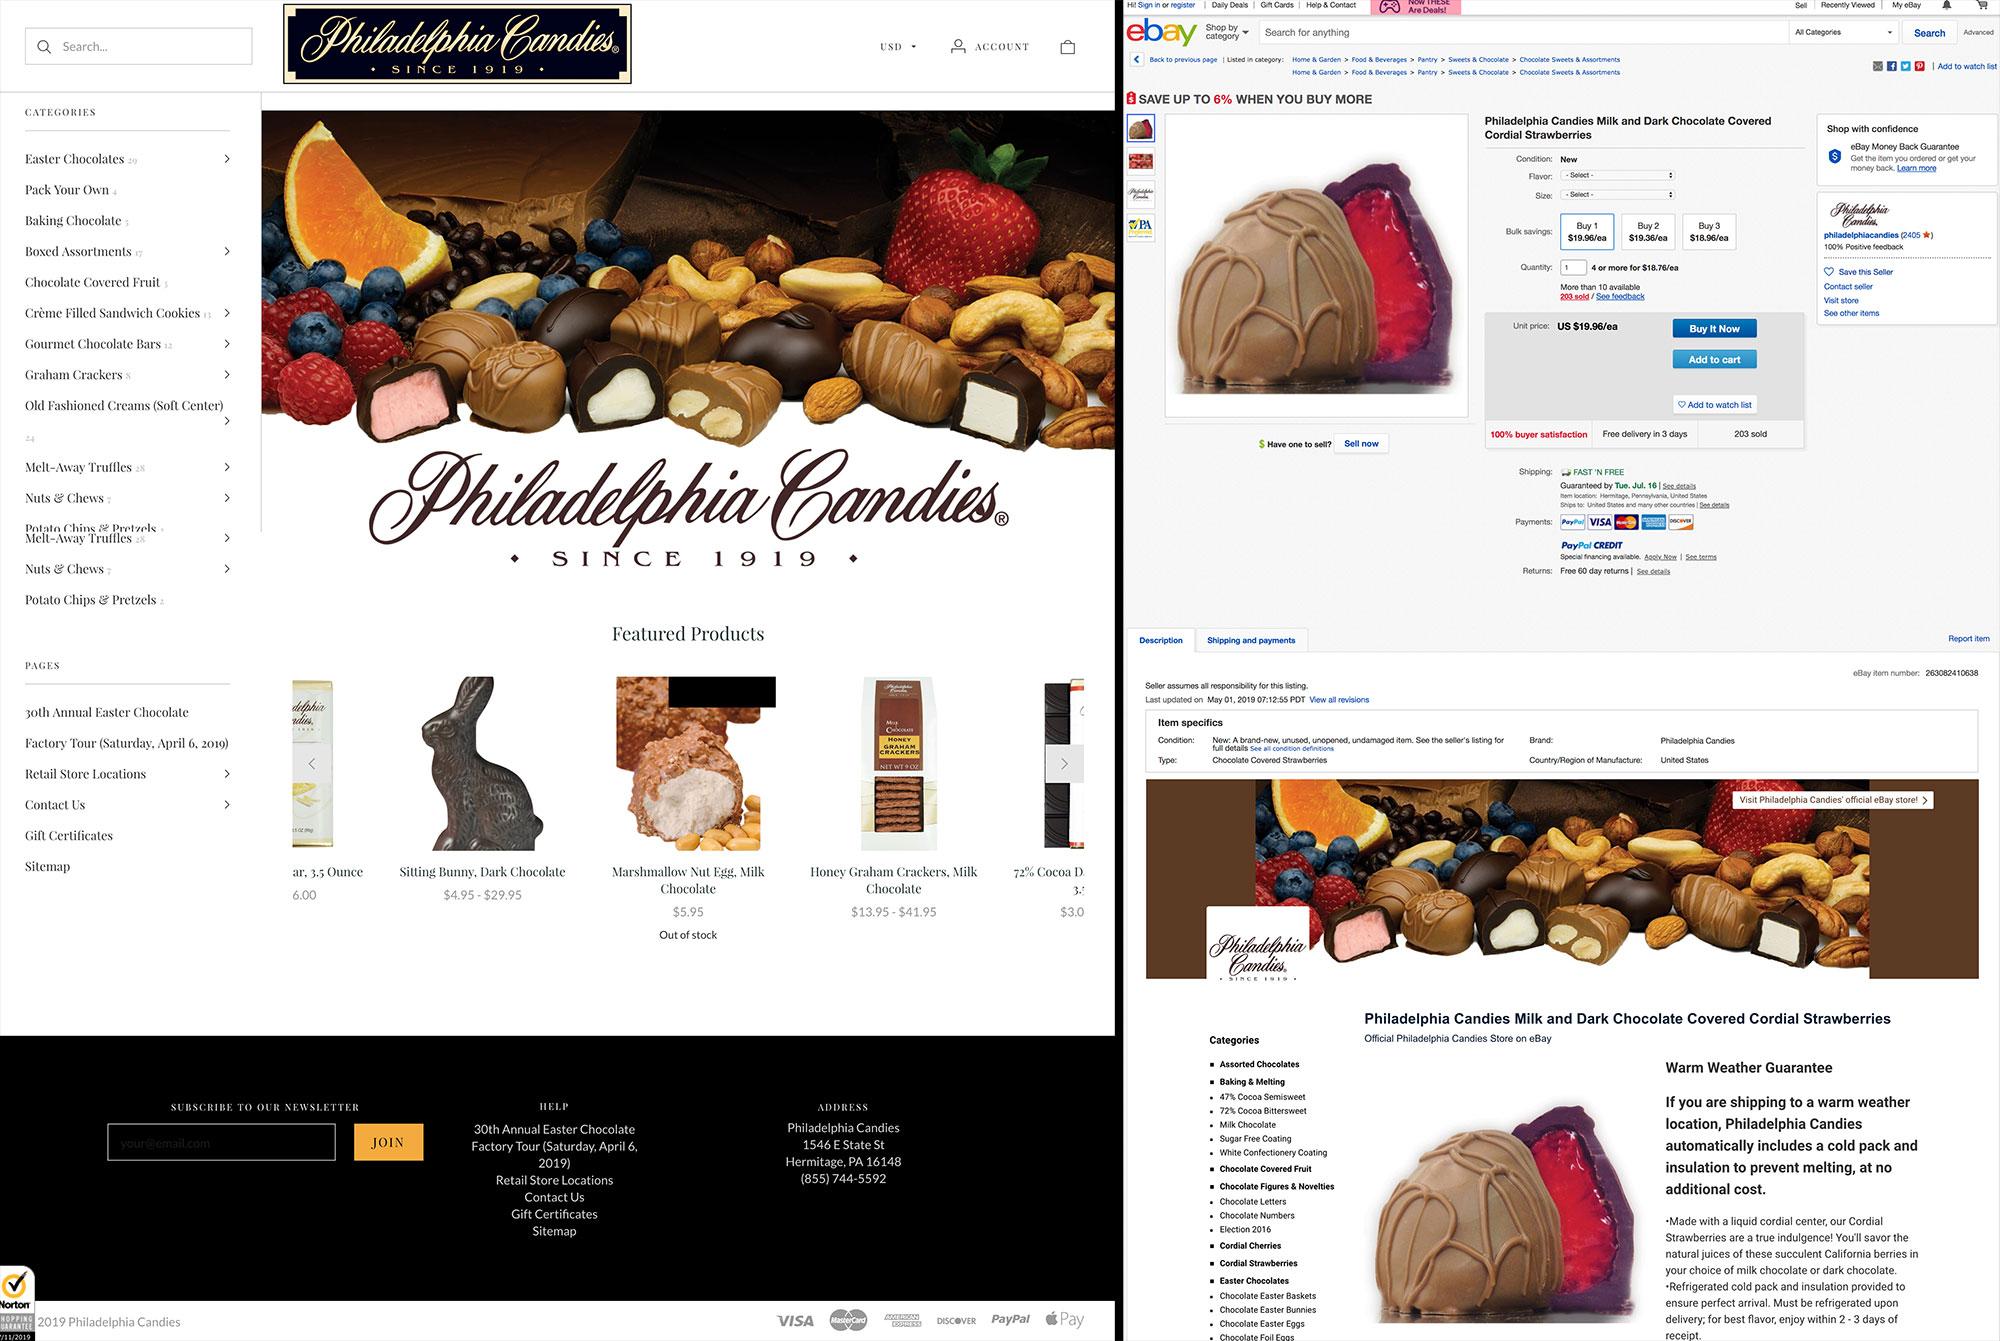 Philadelphia Candies website versus eBay.